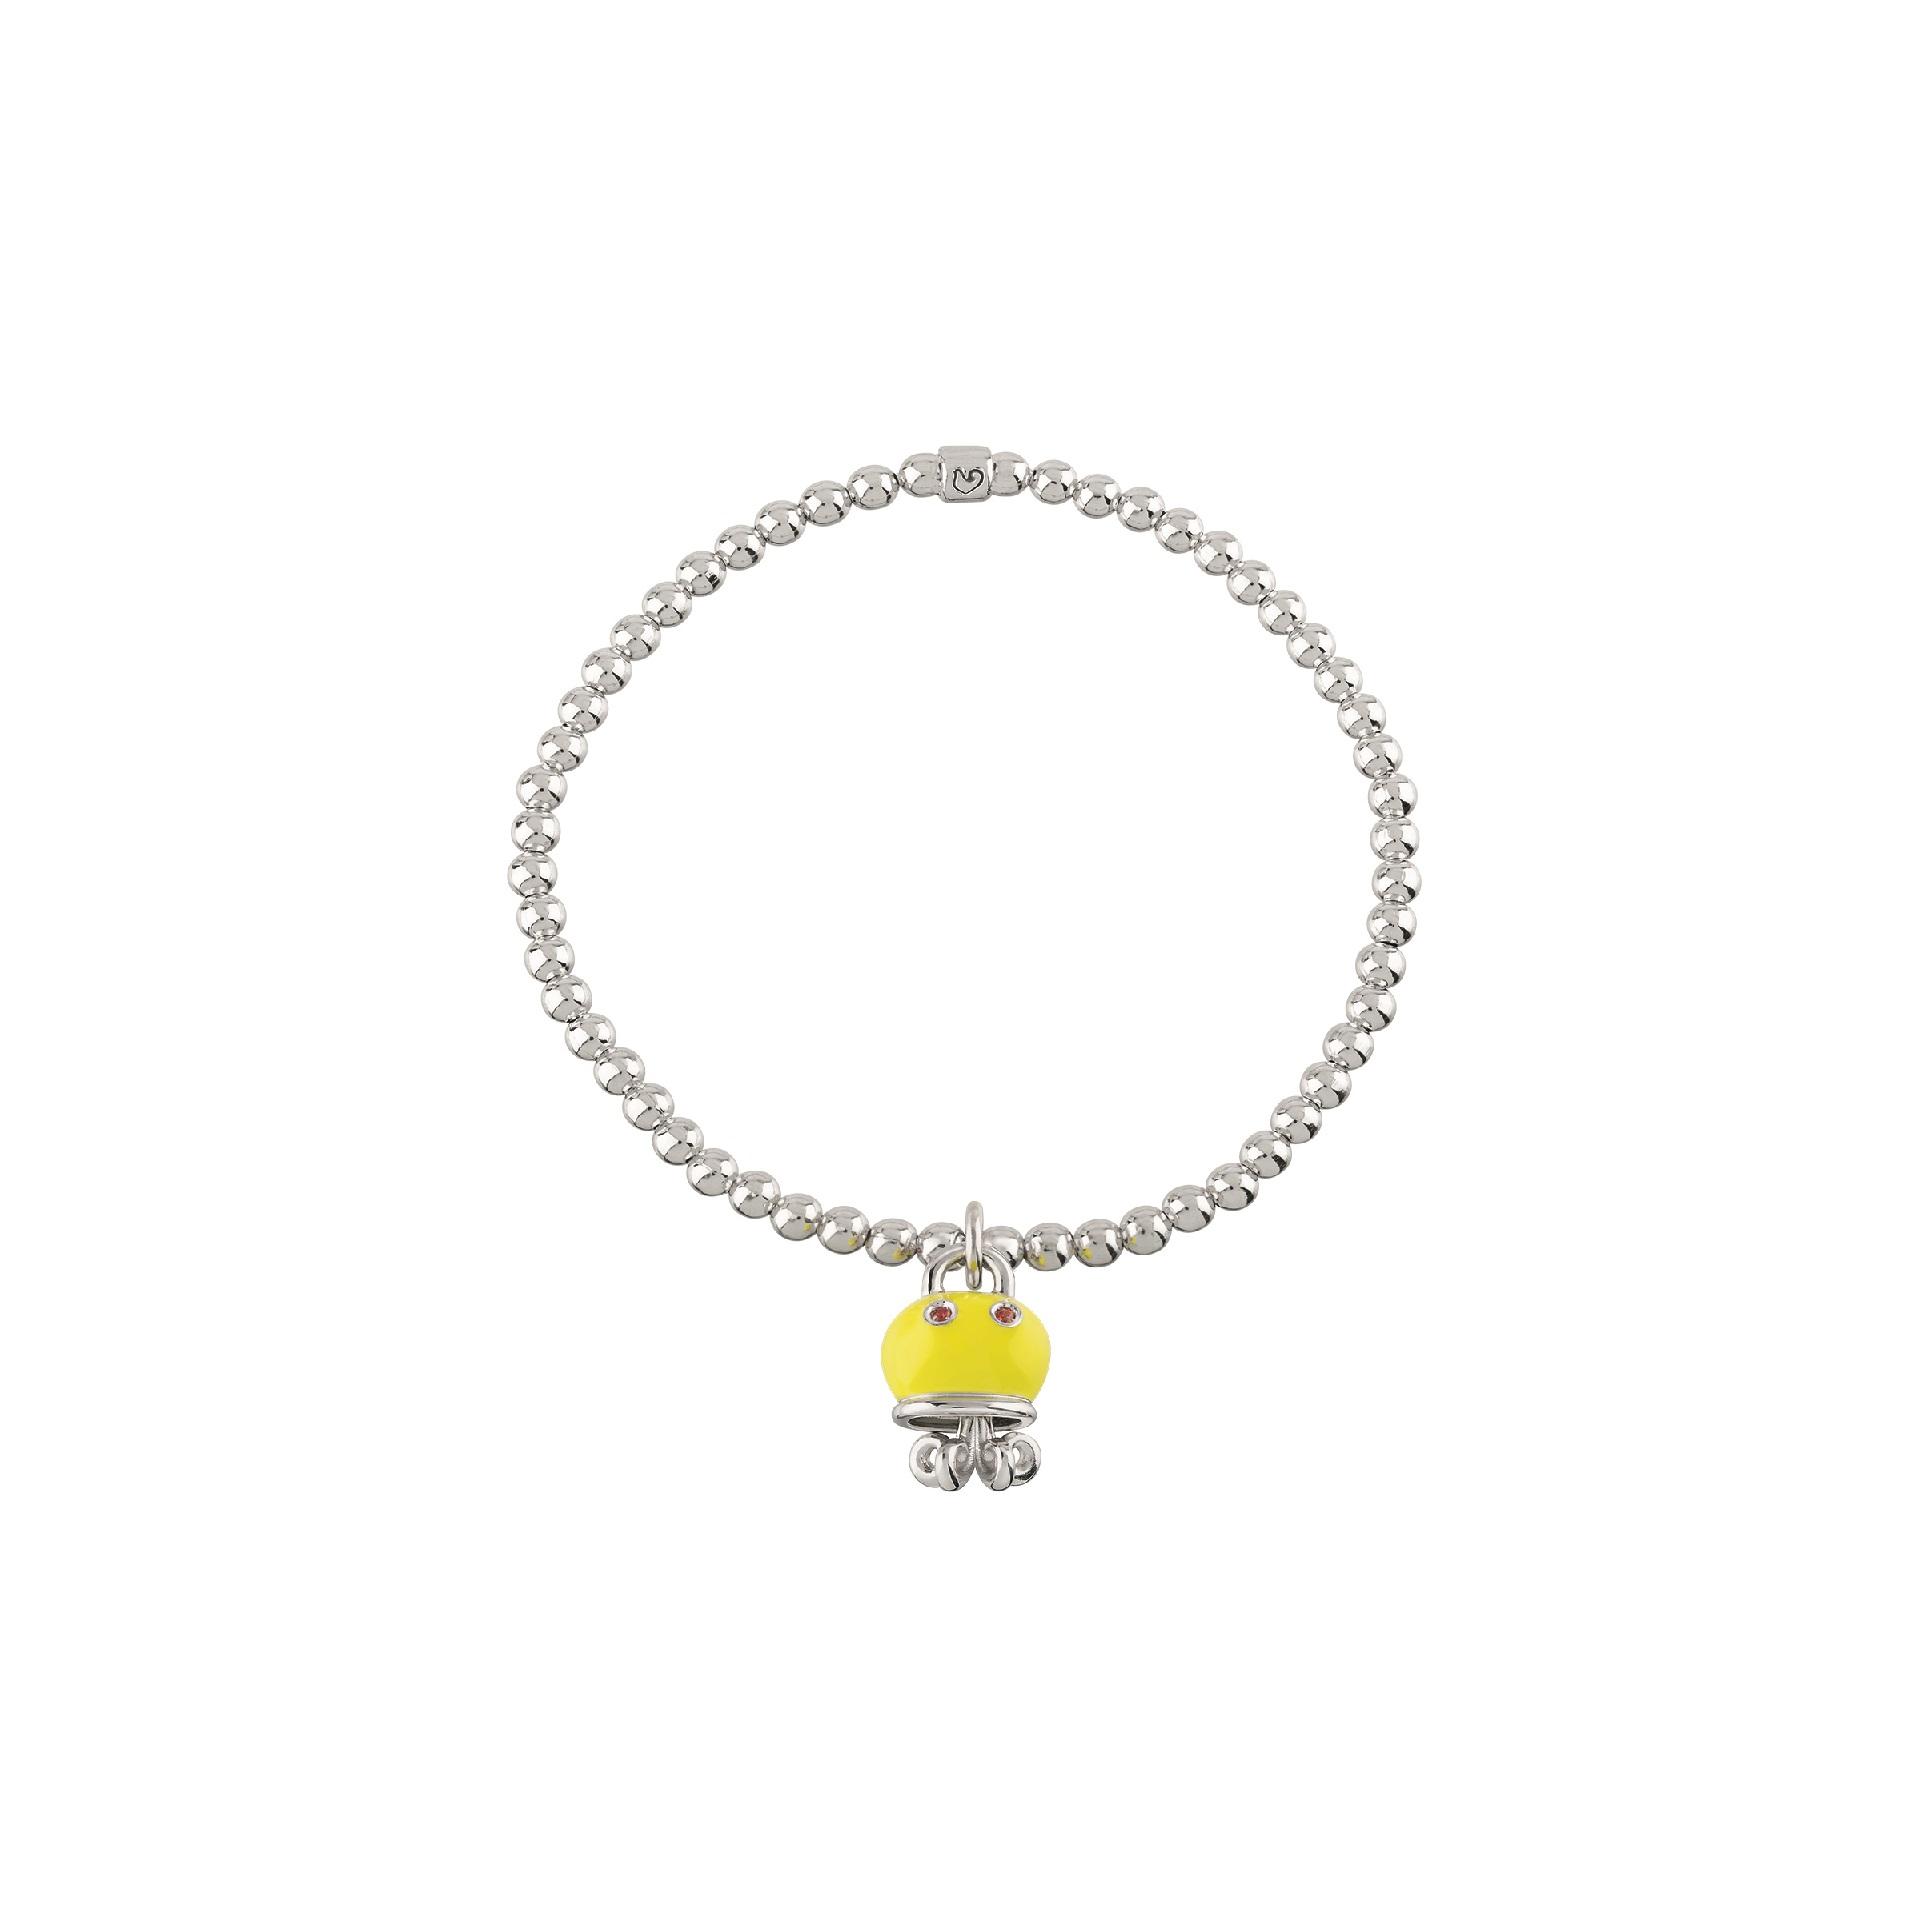 Chantecler Et voilà Armband mit Anhänger aus Silber mit gelbem Emaille und orangen Saphiren